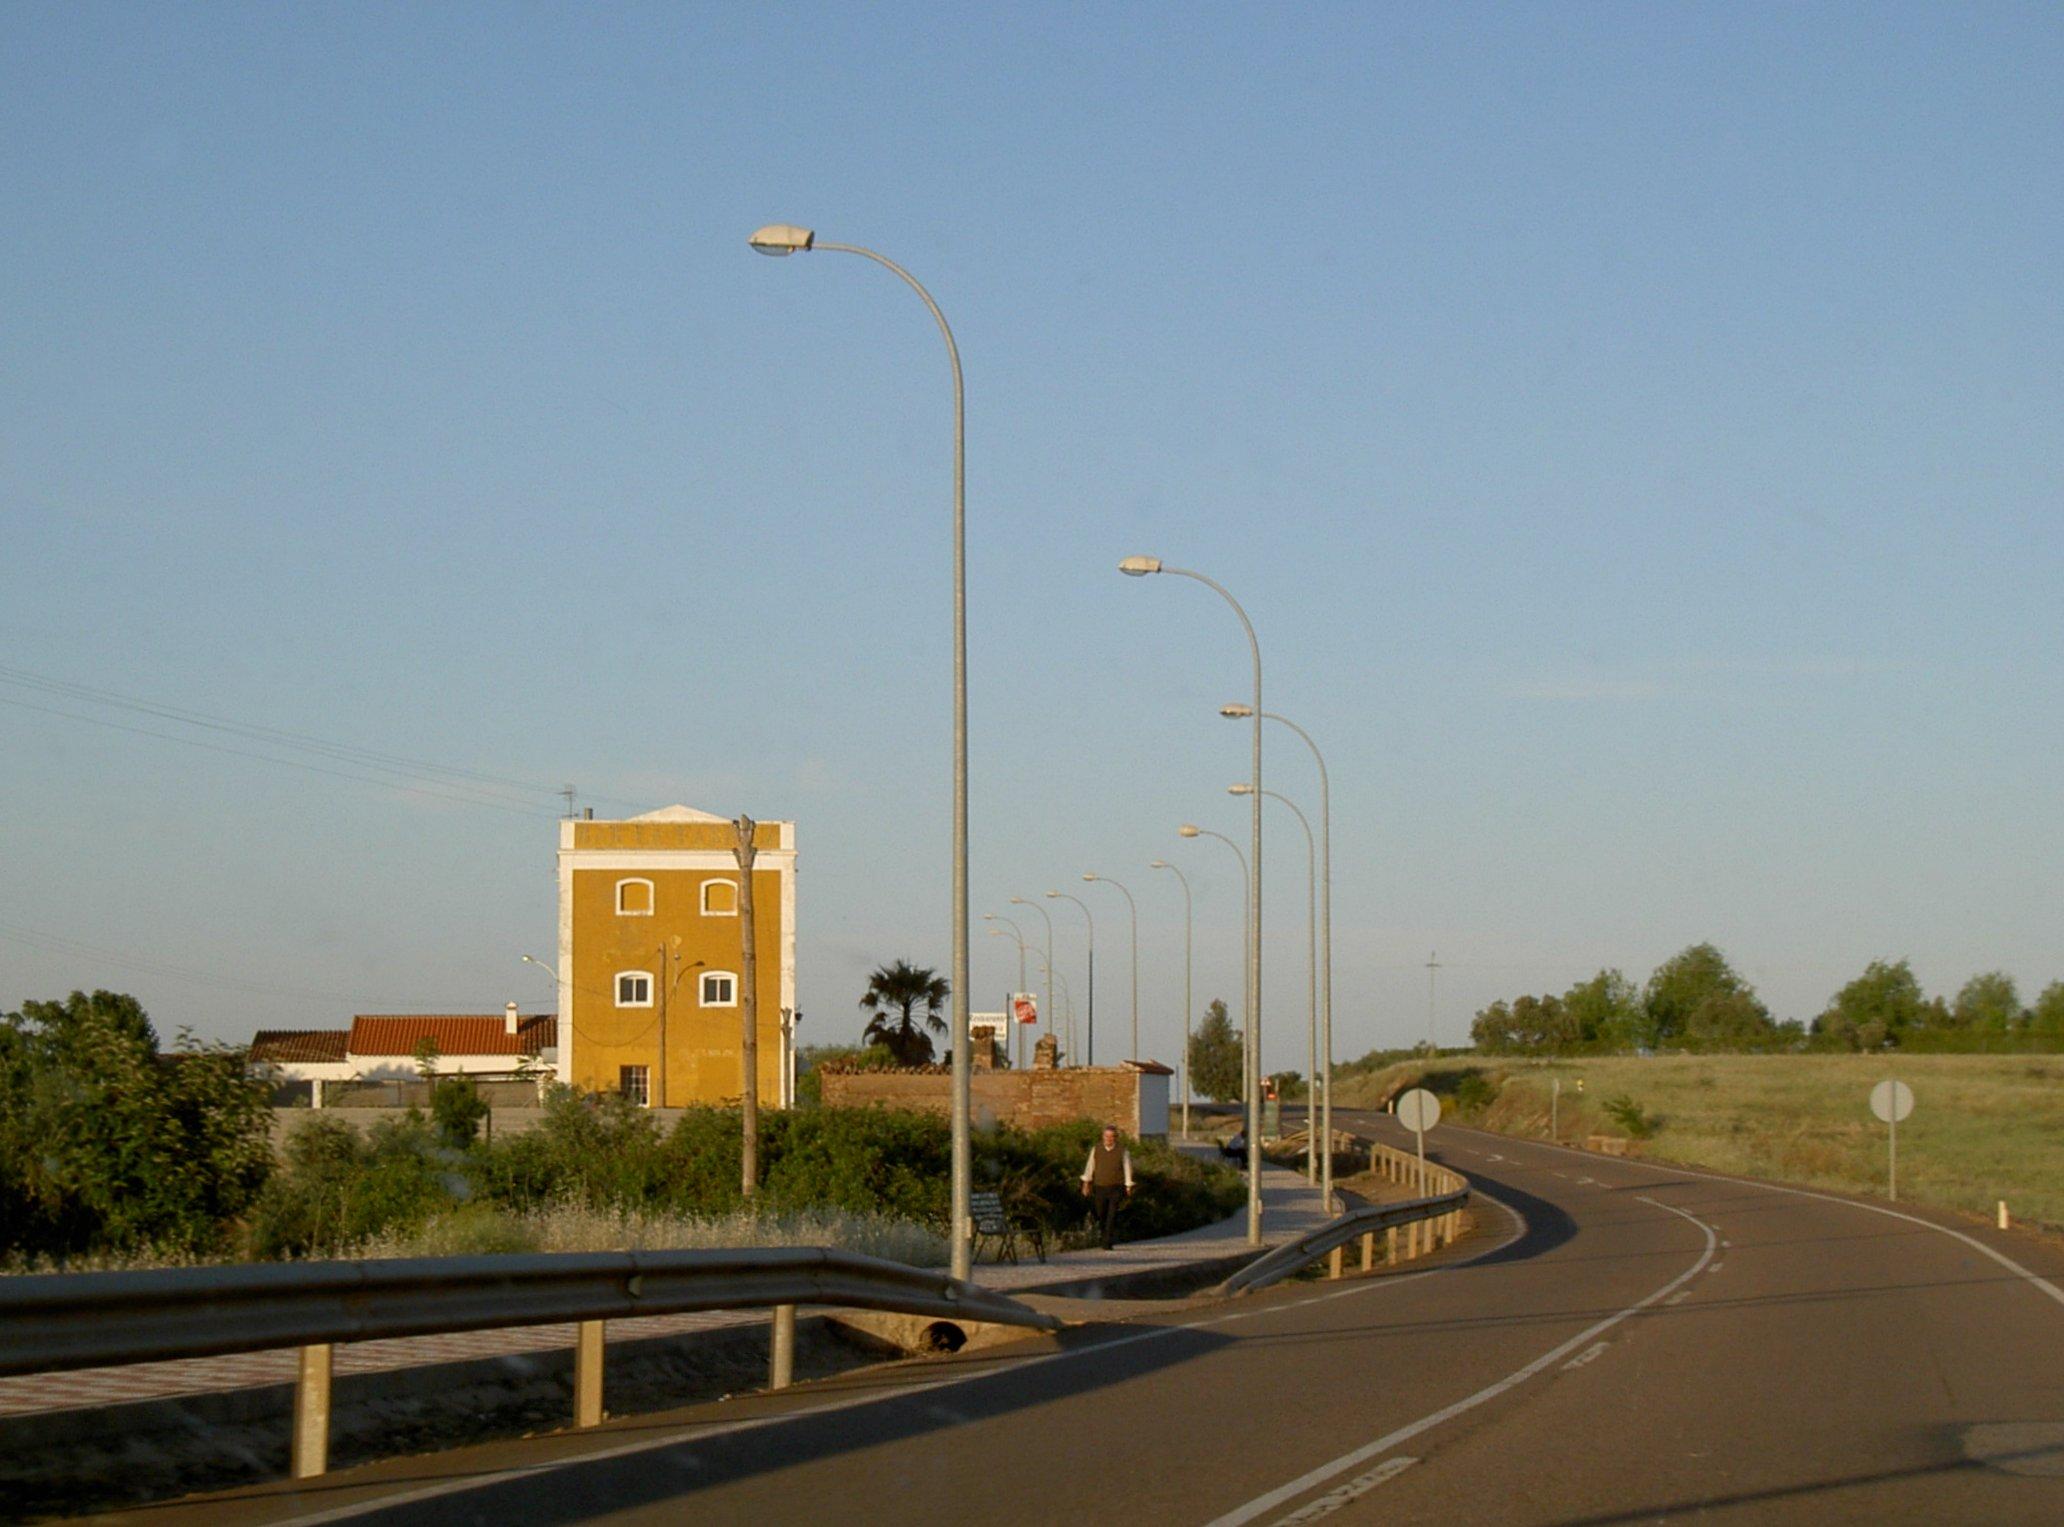 Carretera de Almendral al pueblo